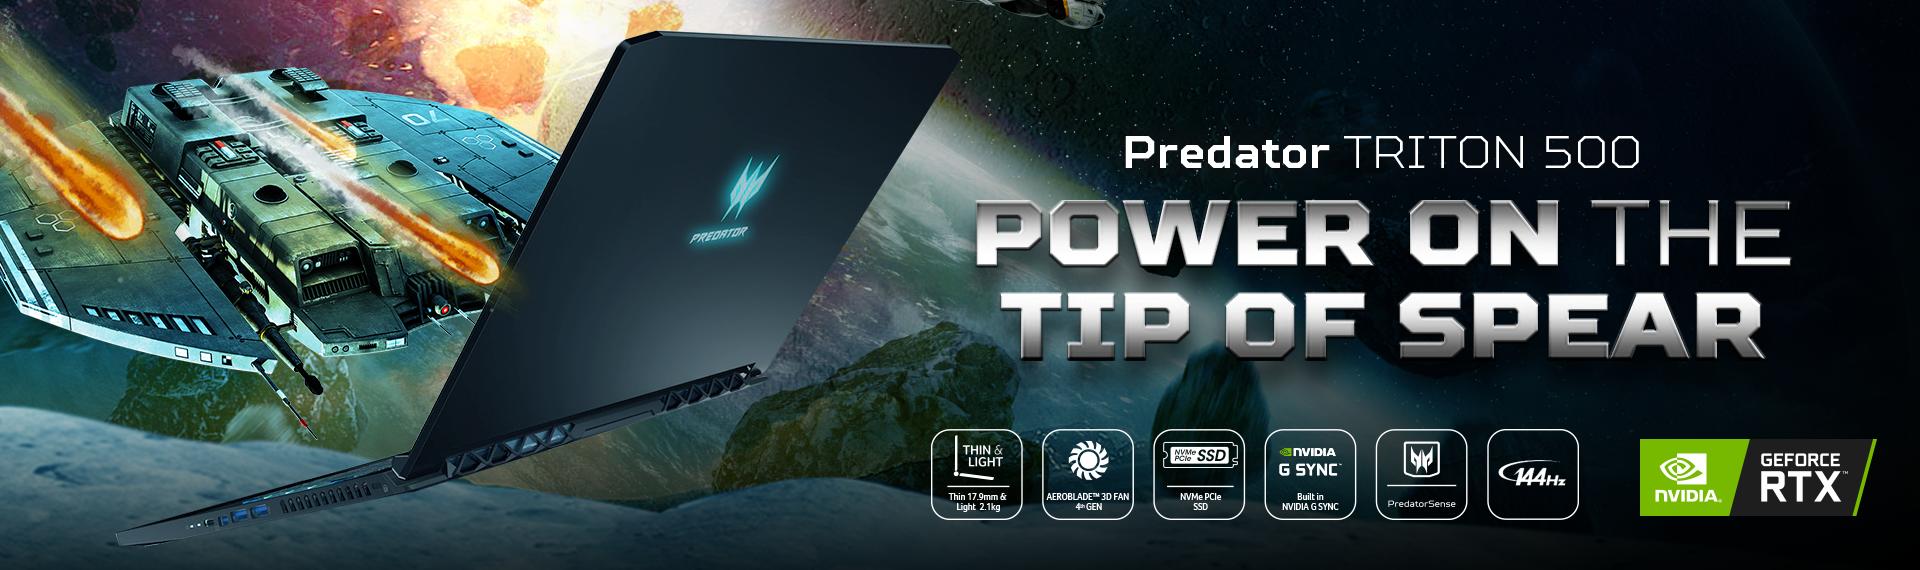 Predator Triton 500, Laptop Tipis dan Ringan untuk Gaming Kelas Hardcore